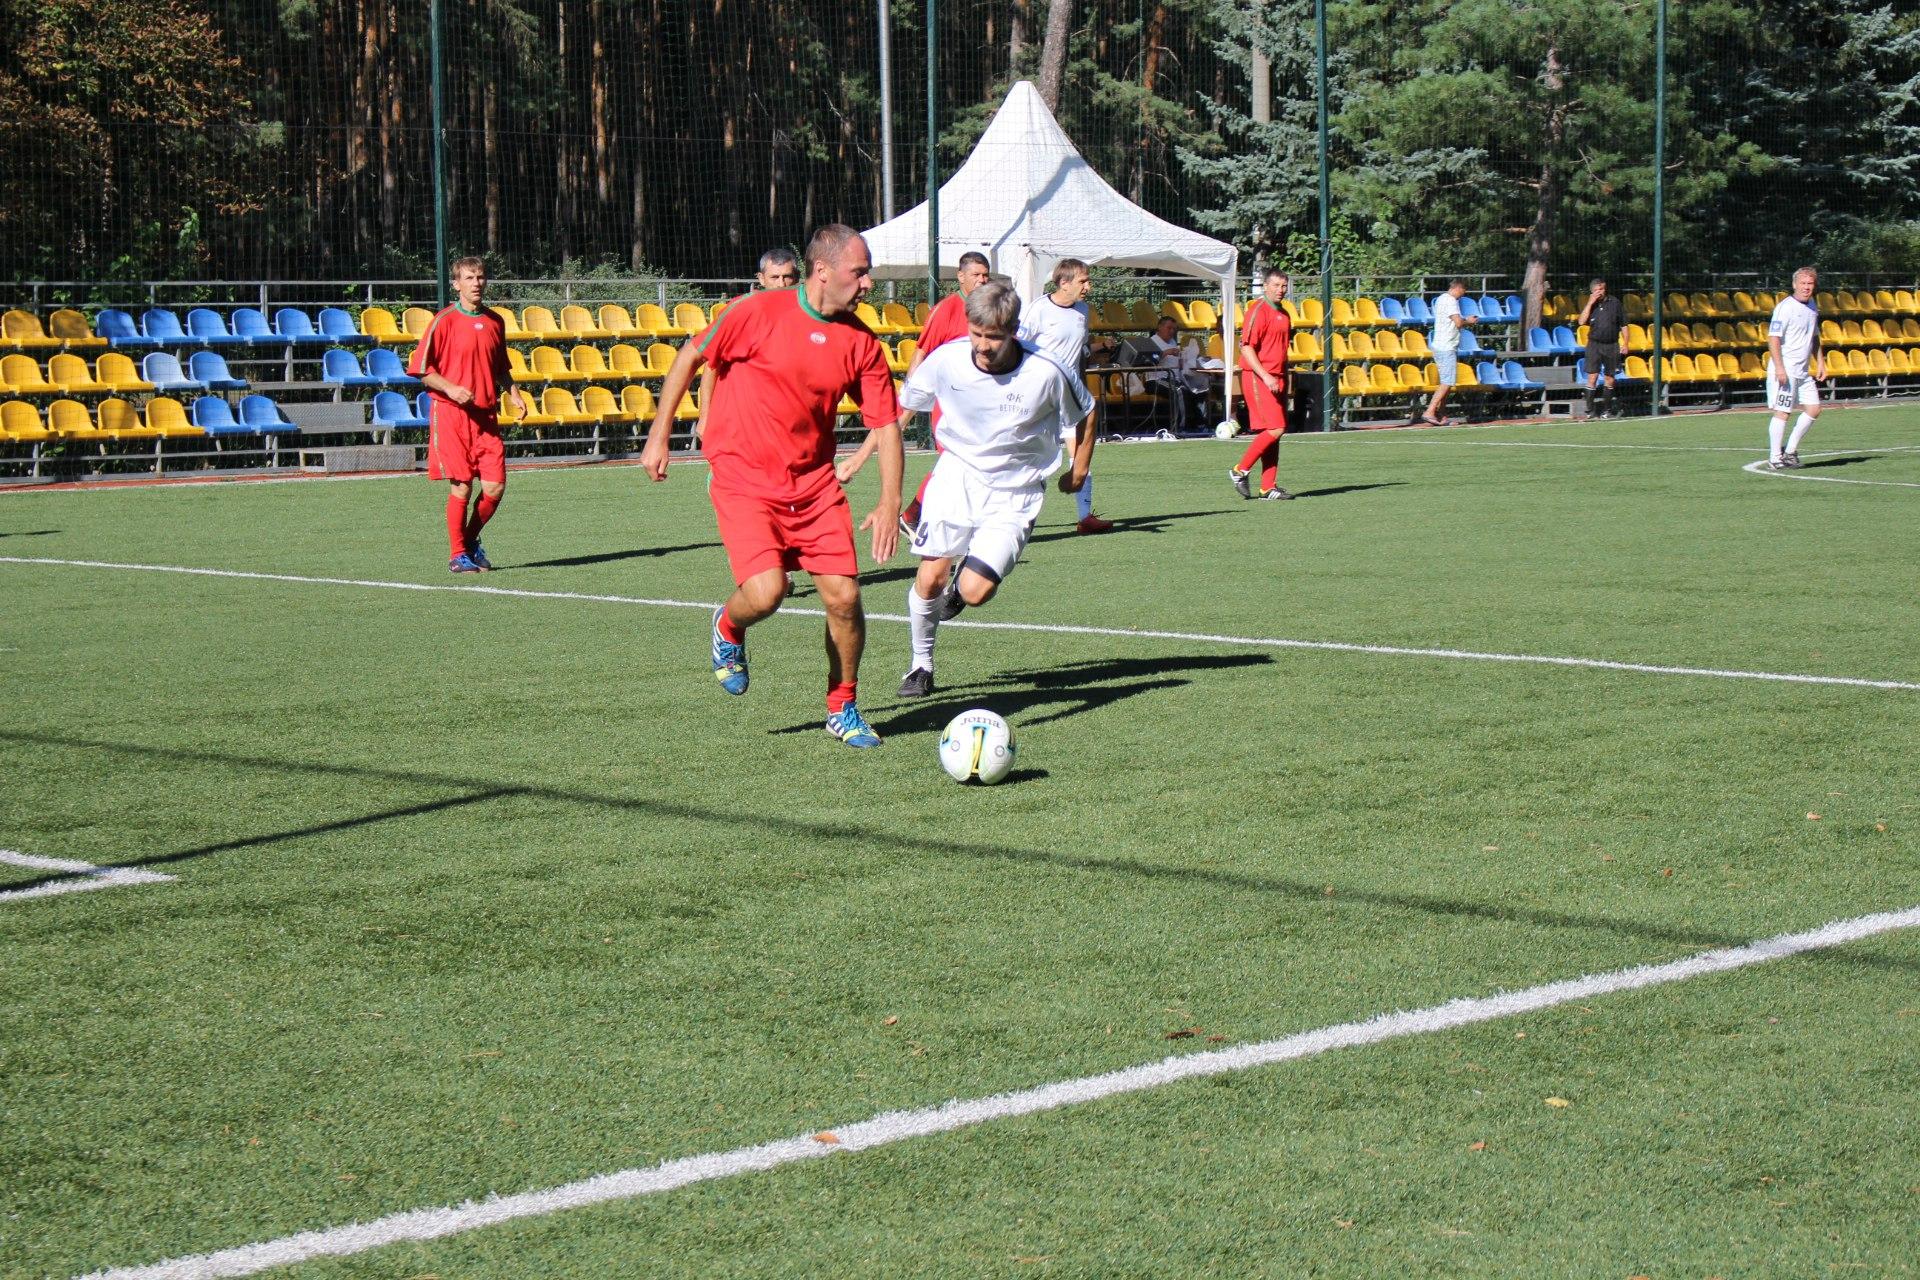 В первом полуфинальном поединке уже в дебюте матча мариупольцы пропустили мяч